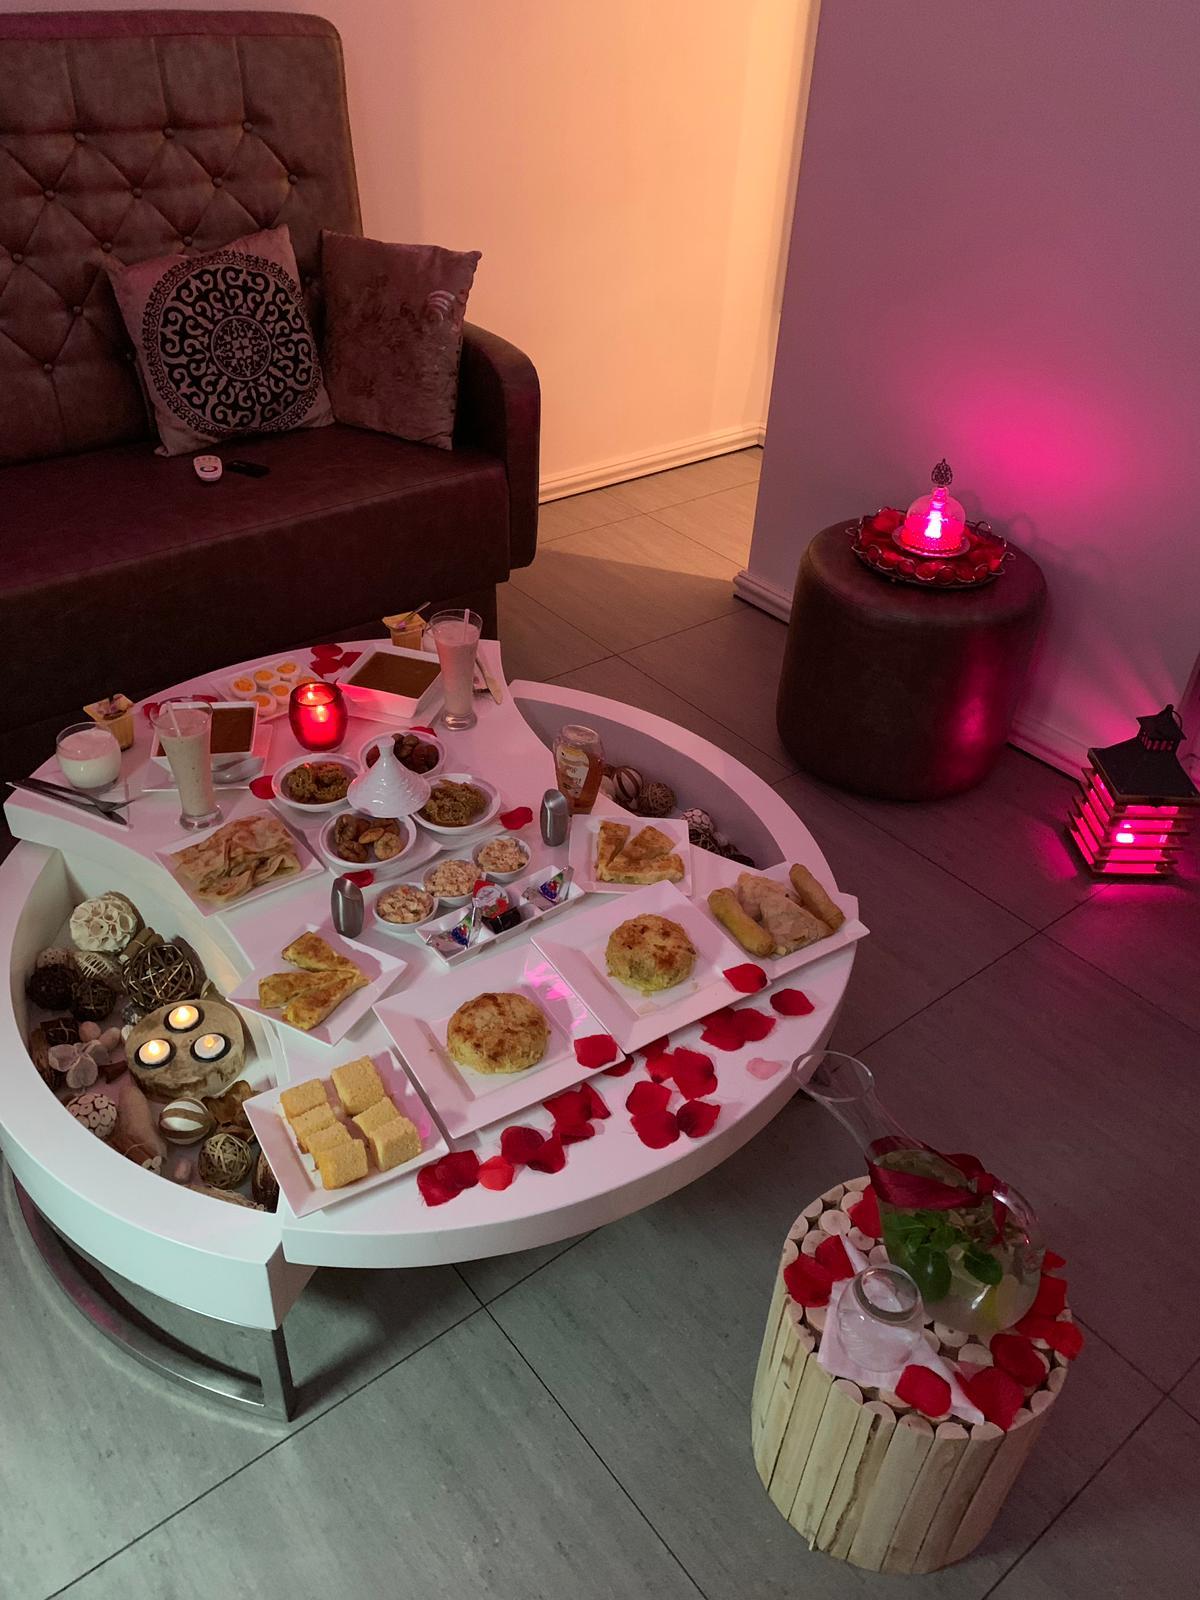 Iftar relax center zaanstad